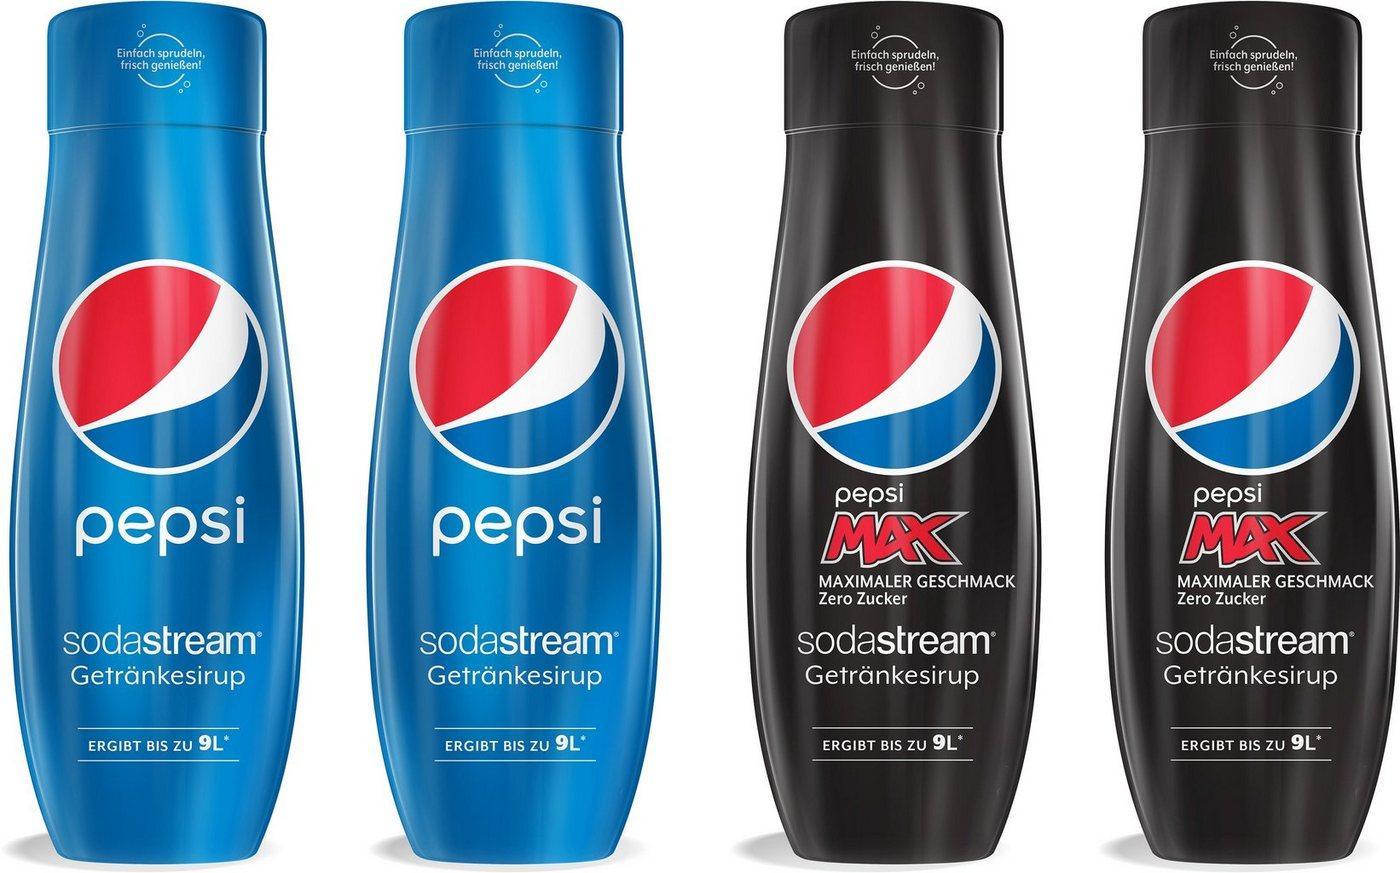 SodaStream Getränke-Sirup Pepsi & PepsiMax, 4 Stück, für bis zu 9 Liter Fertiggetränk